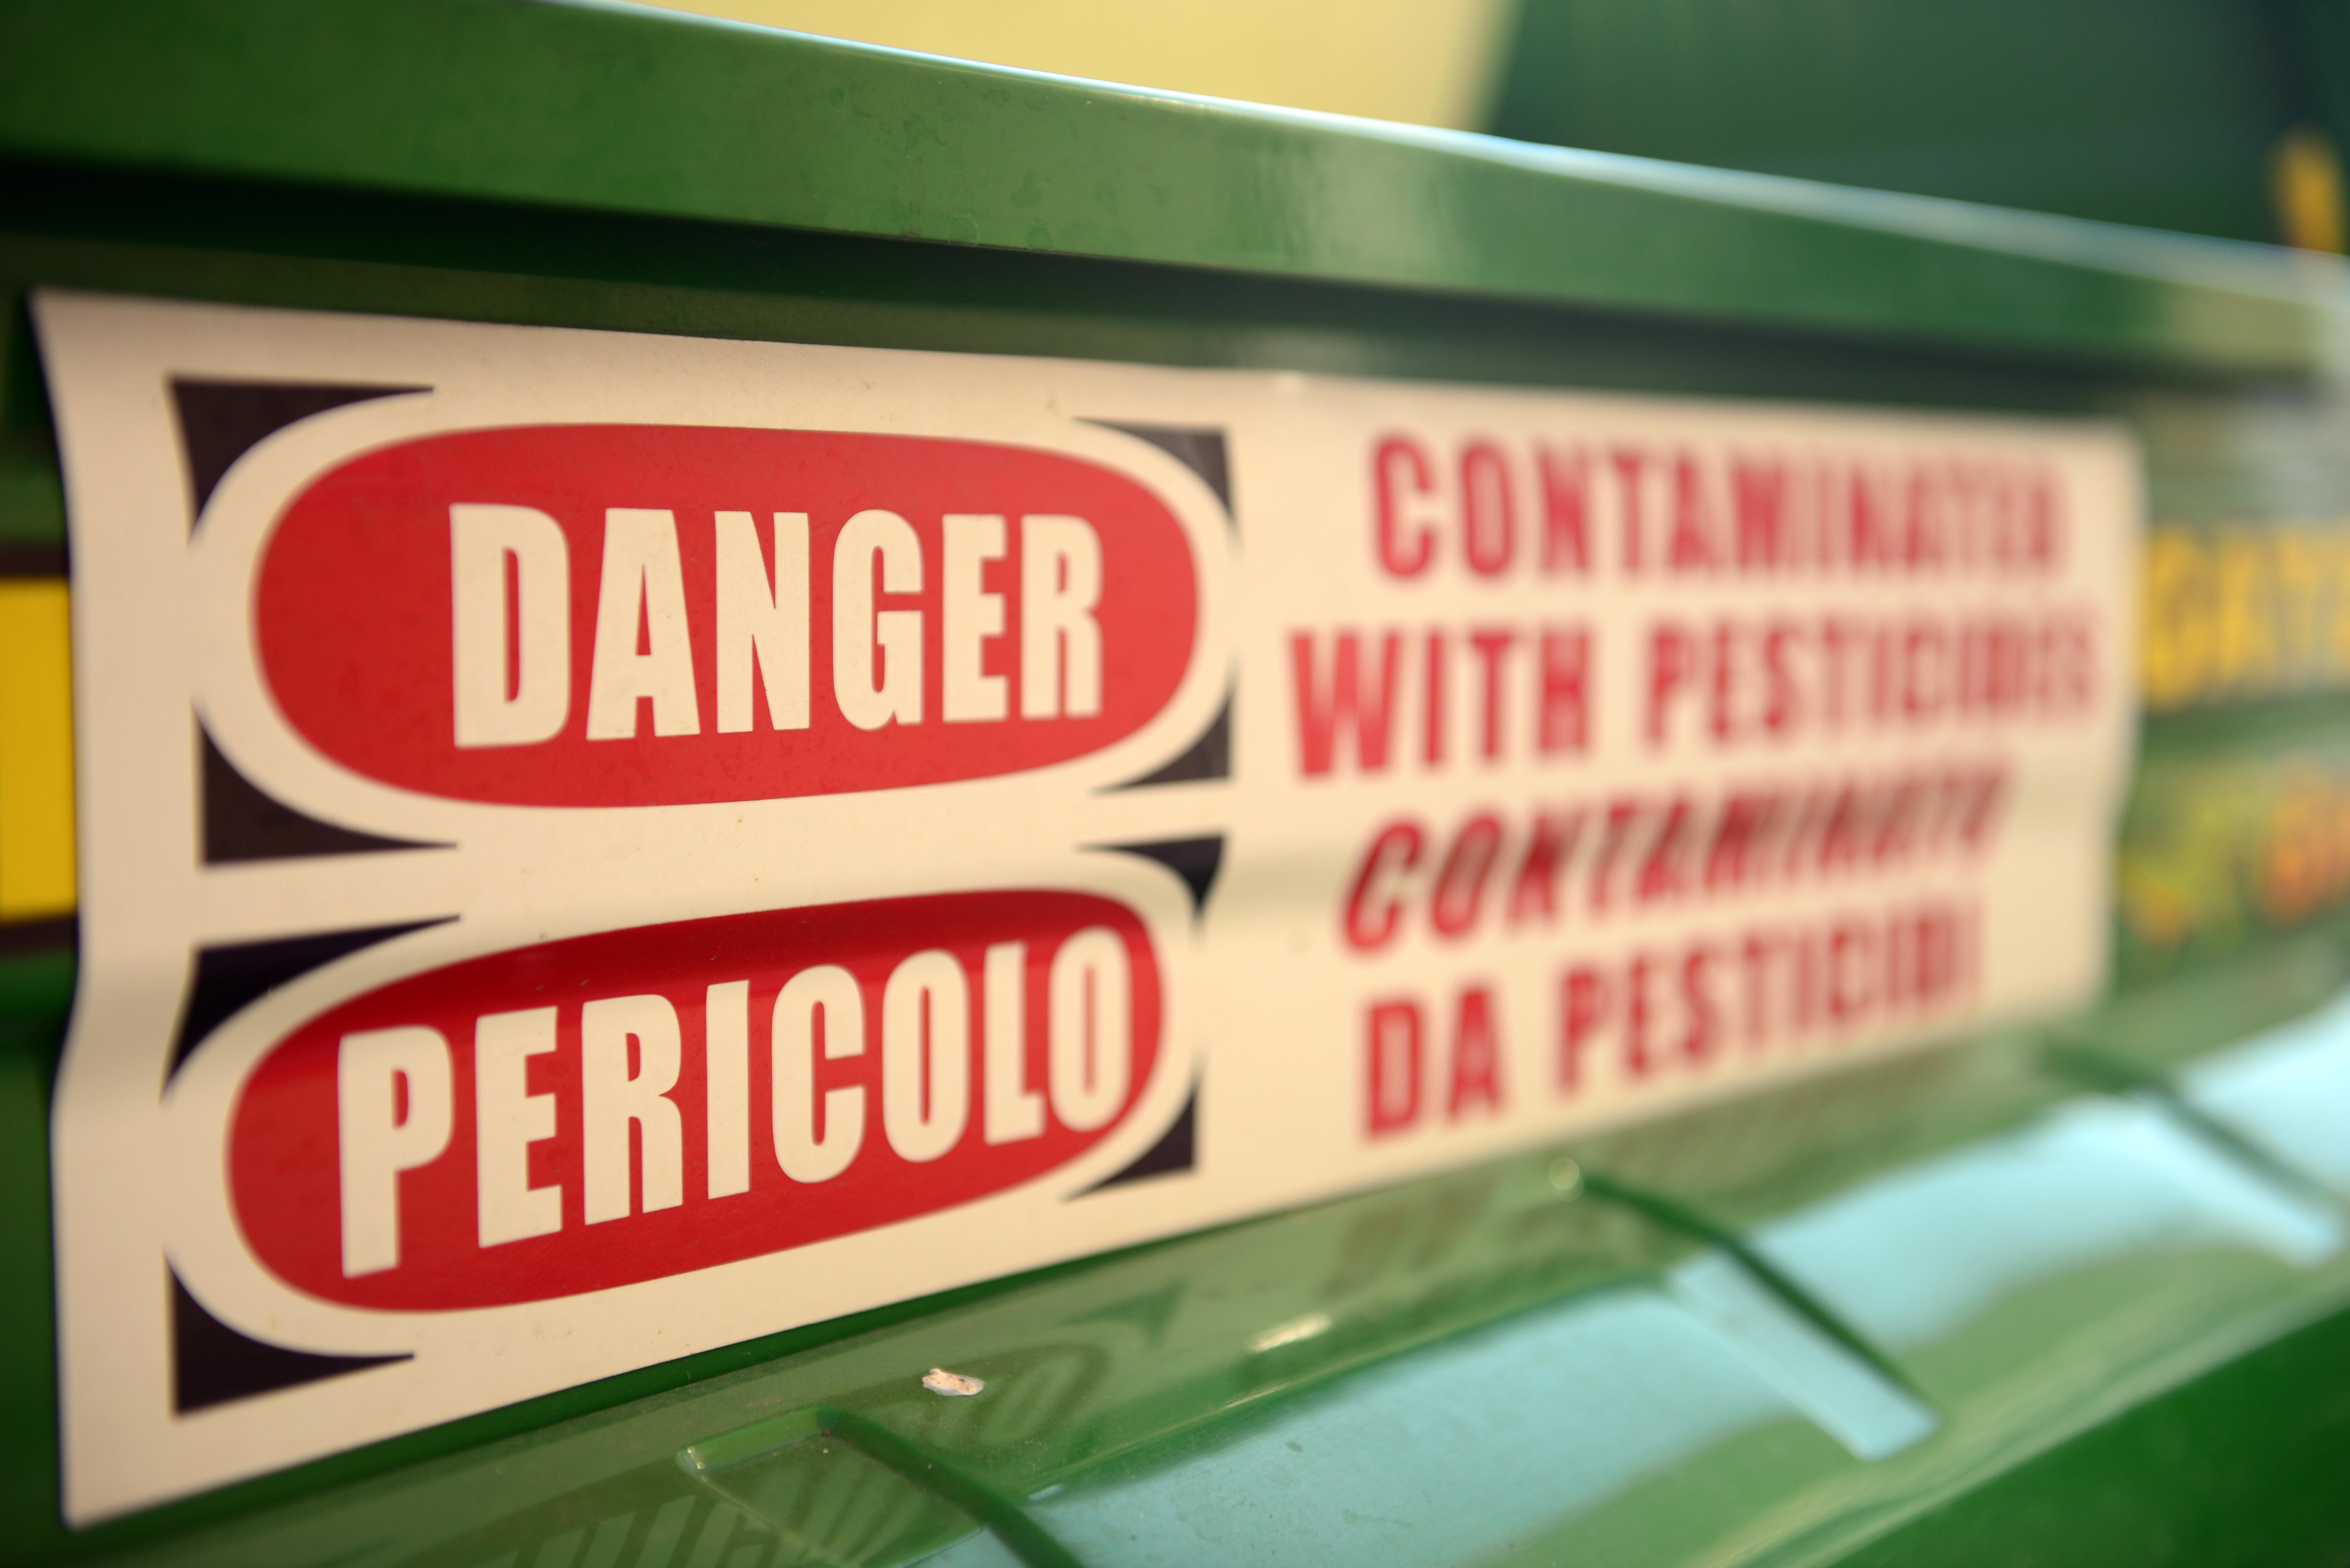 Business della paura: avviso di pericolo